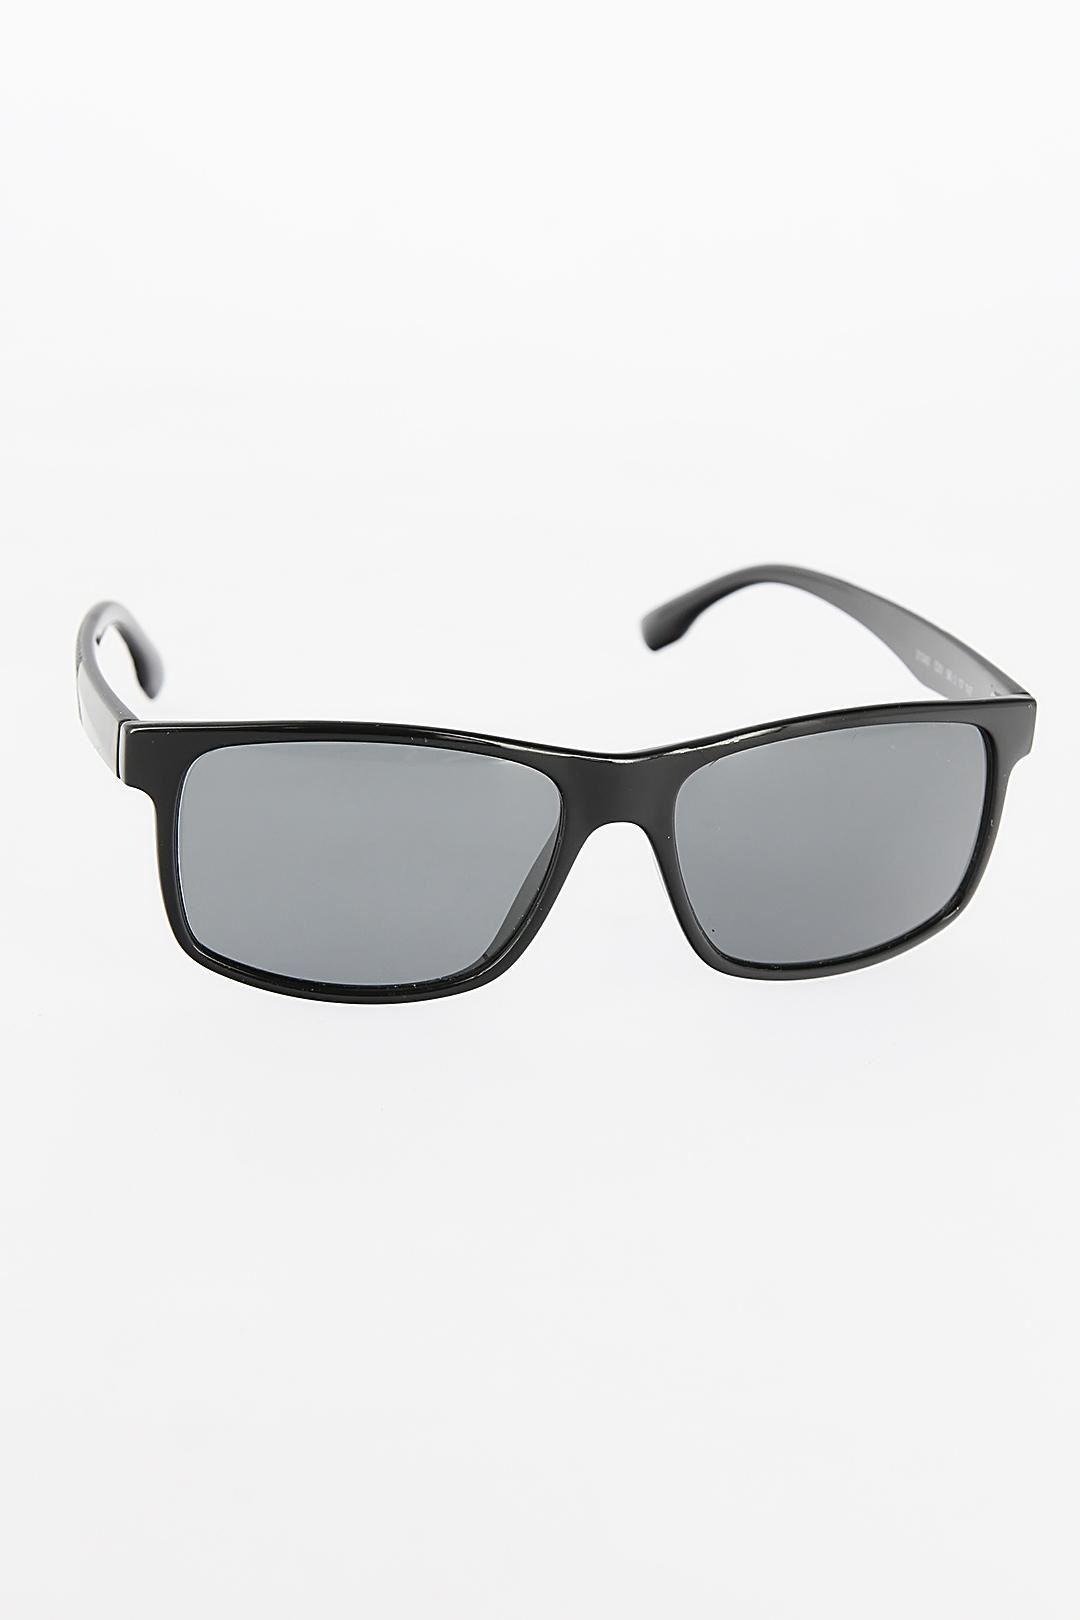 Siyah Renk Dikdörtgen Çerçeveli Erkek Güneş Gözlüğü